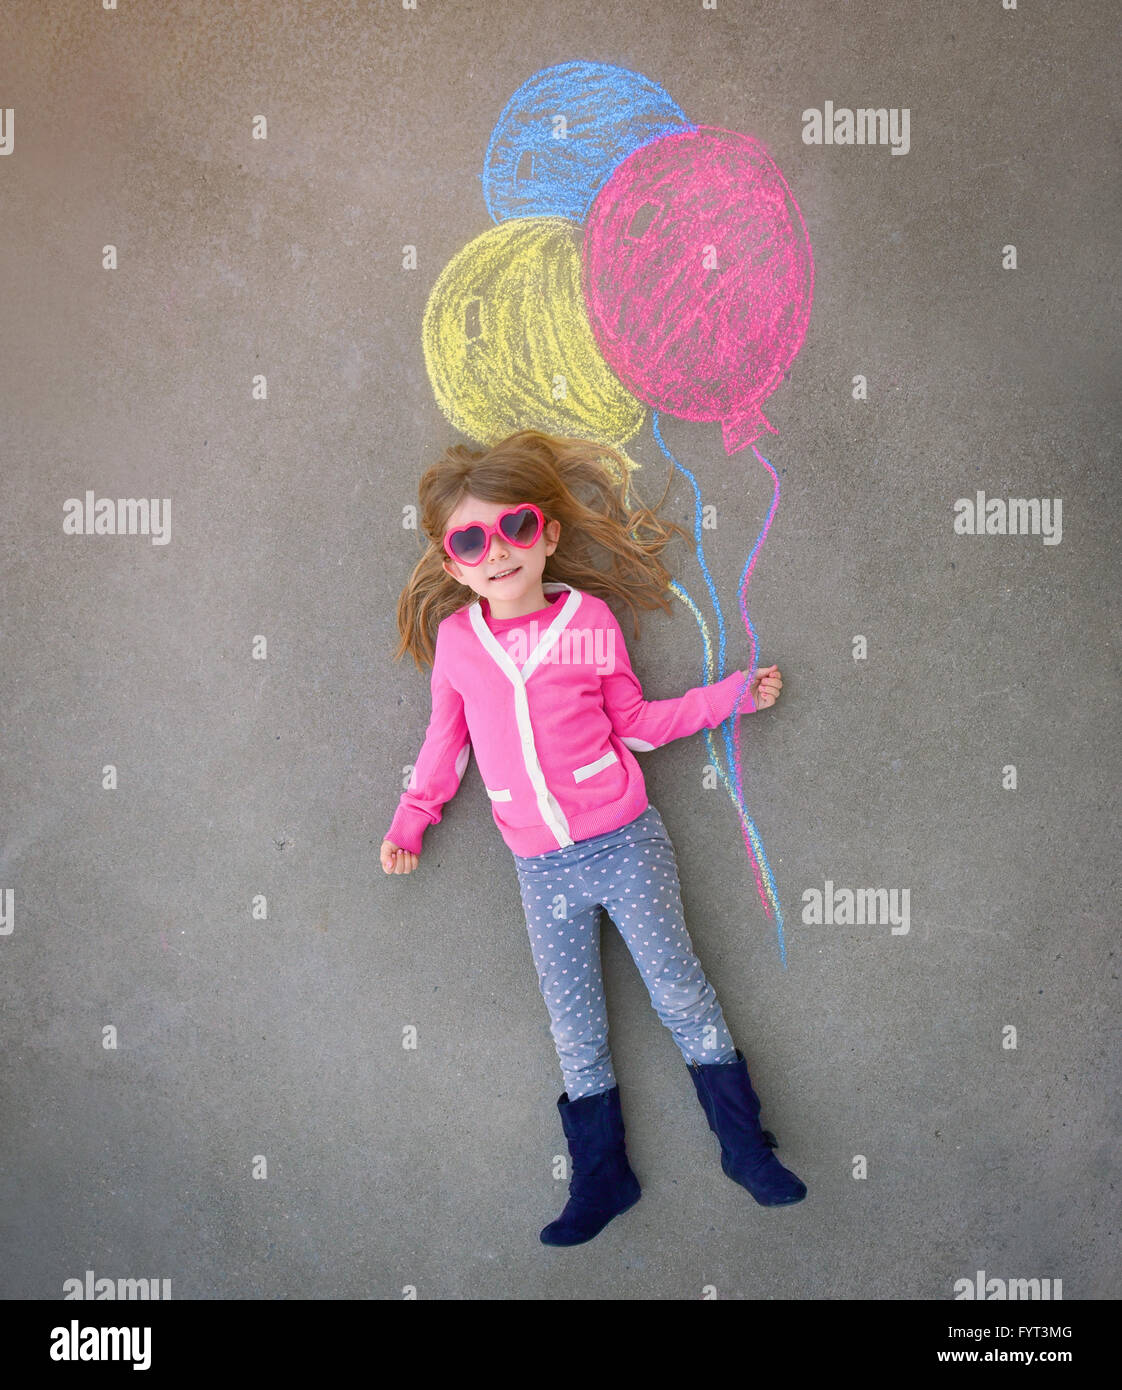 Una linda niña con gafas de sol es la celebración creativa globos de tiza dibujado en la acera de la imaginación, Imagen De Stock